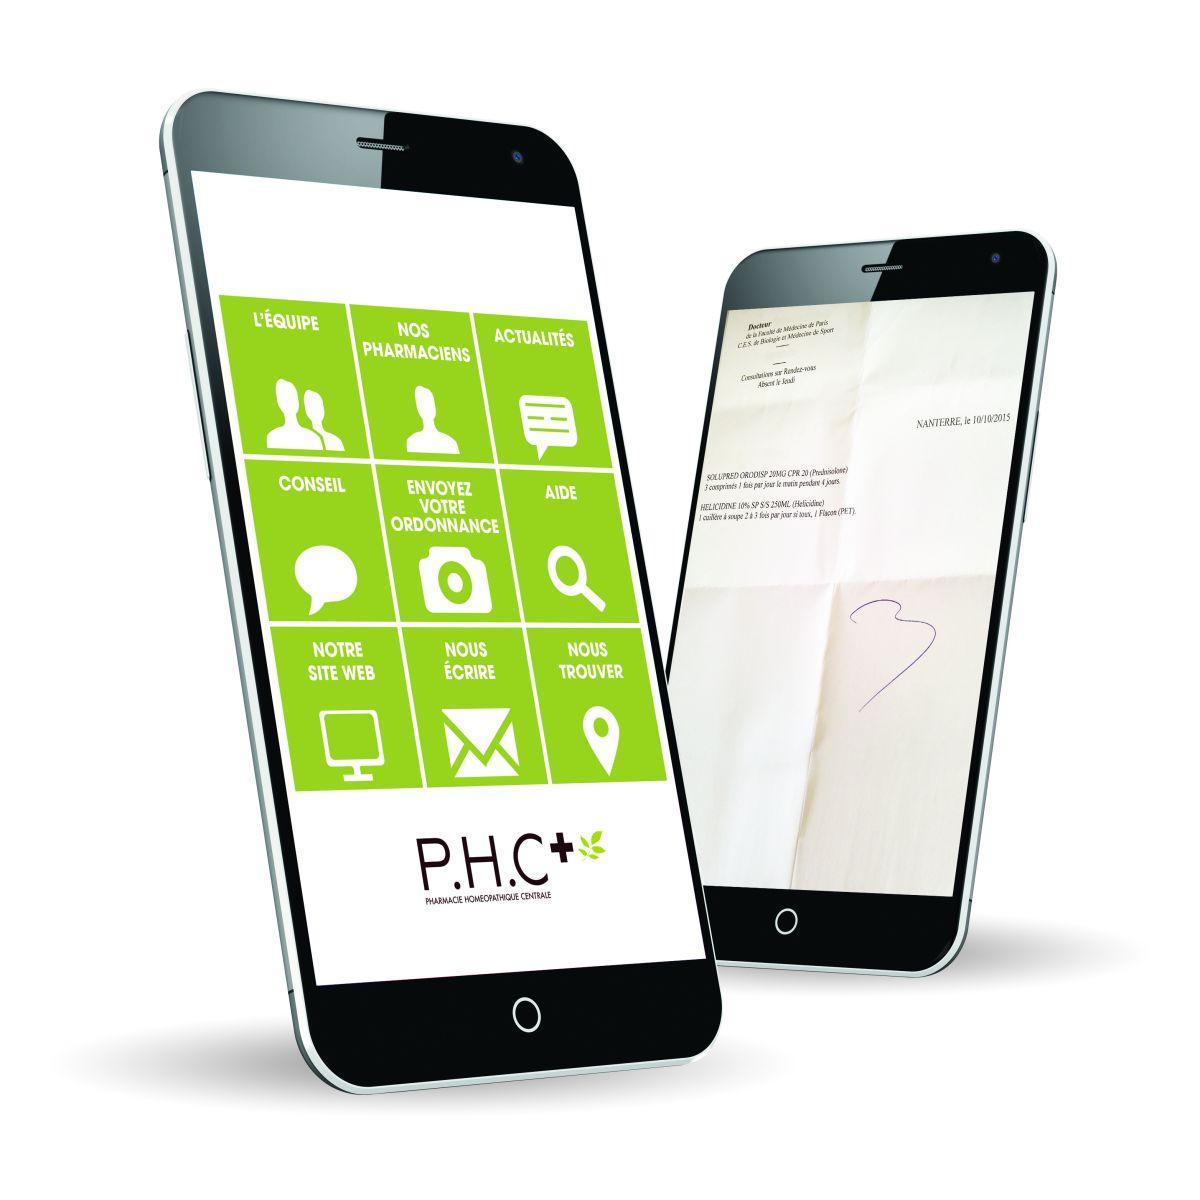 t l chargez l application sant hom o mobile p h c. Black Bedroom Furniture Sets. Home Design Ideas